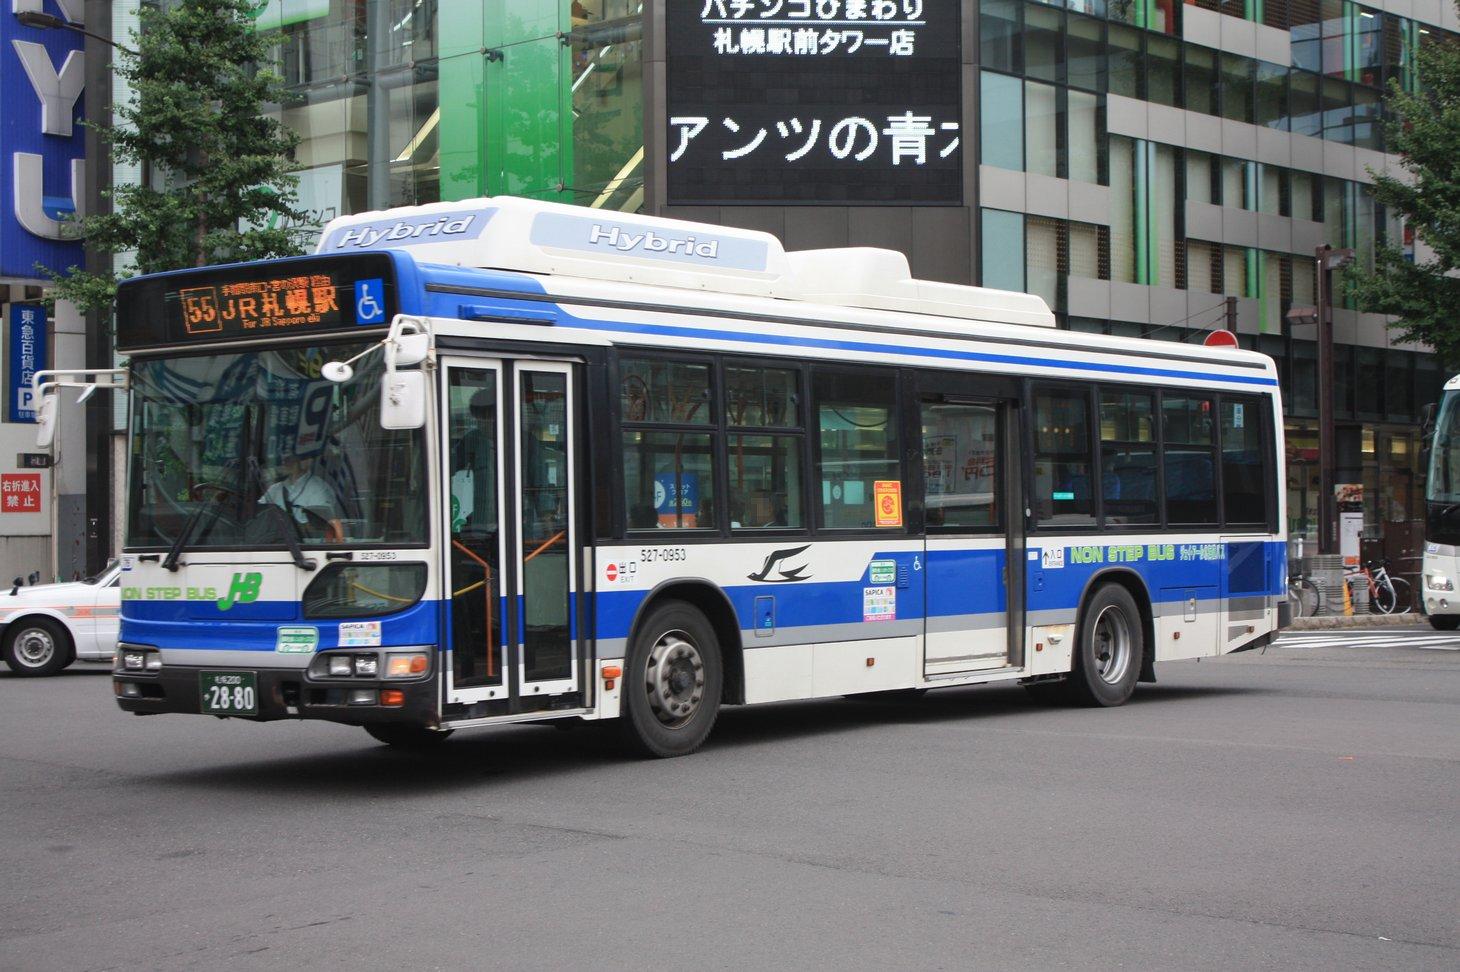 JR北海道バス - 常磐線撮影記